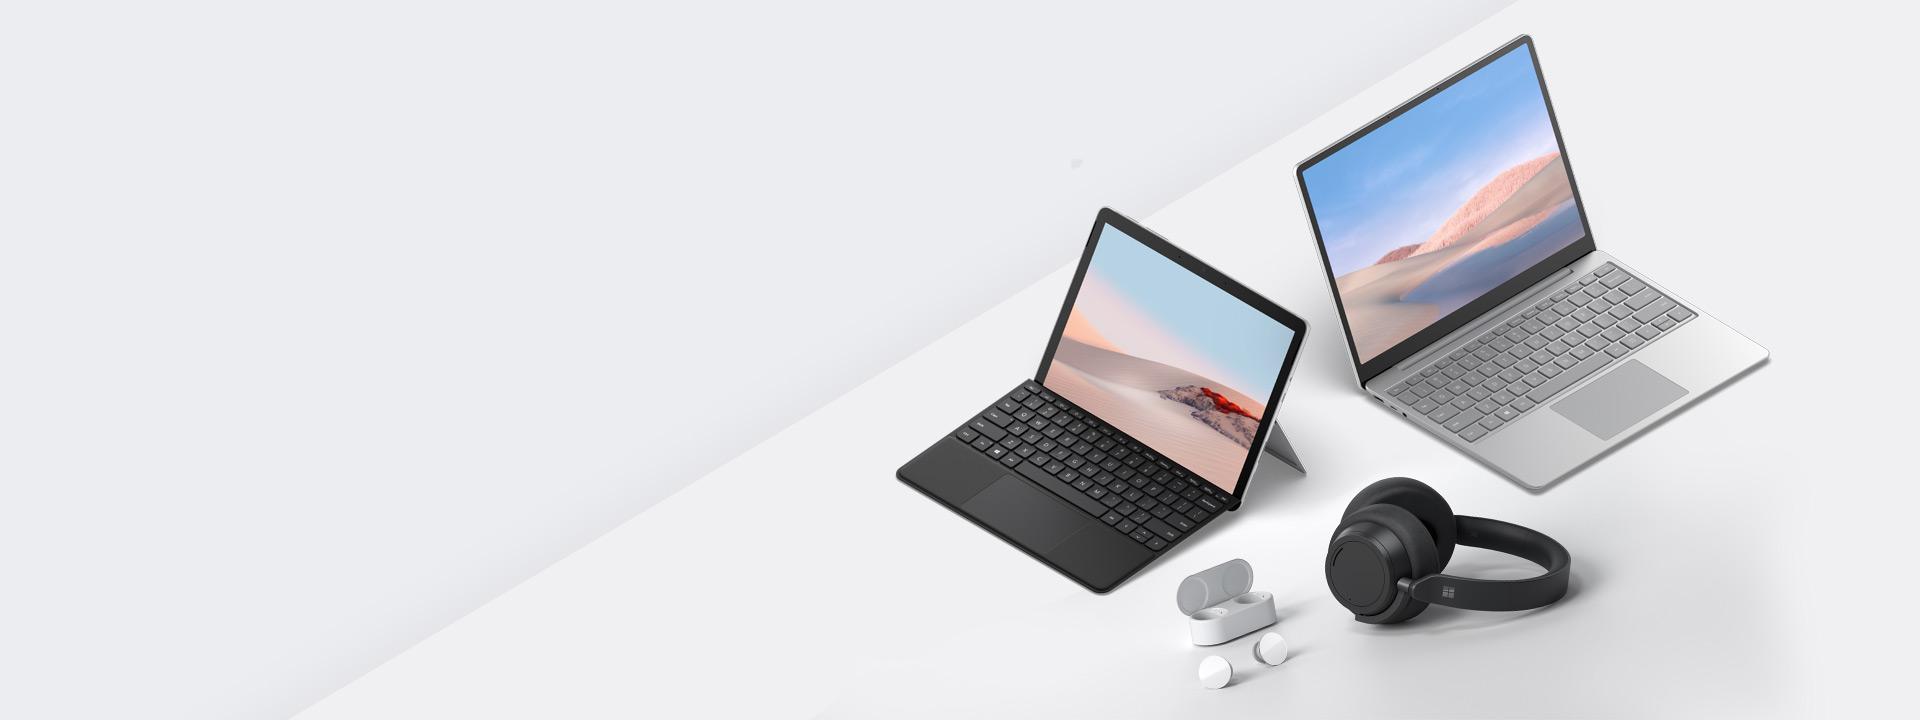 L'image montre le SurfaceLaptopGo et la SurfaceGo2 avec des écouteurs et un casque